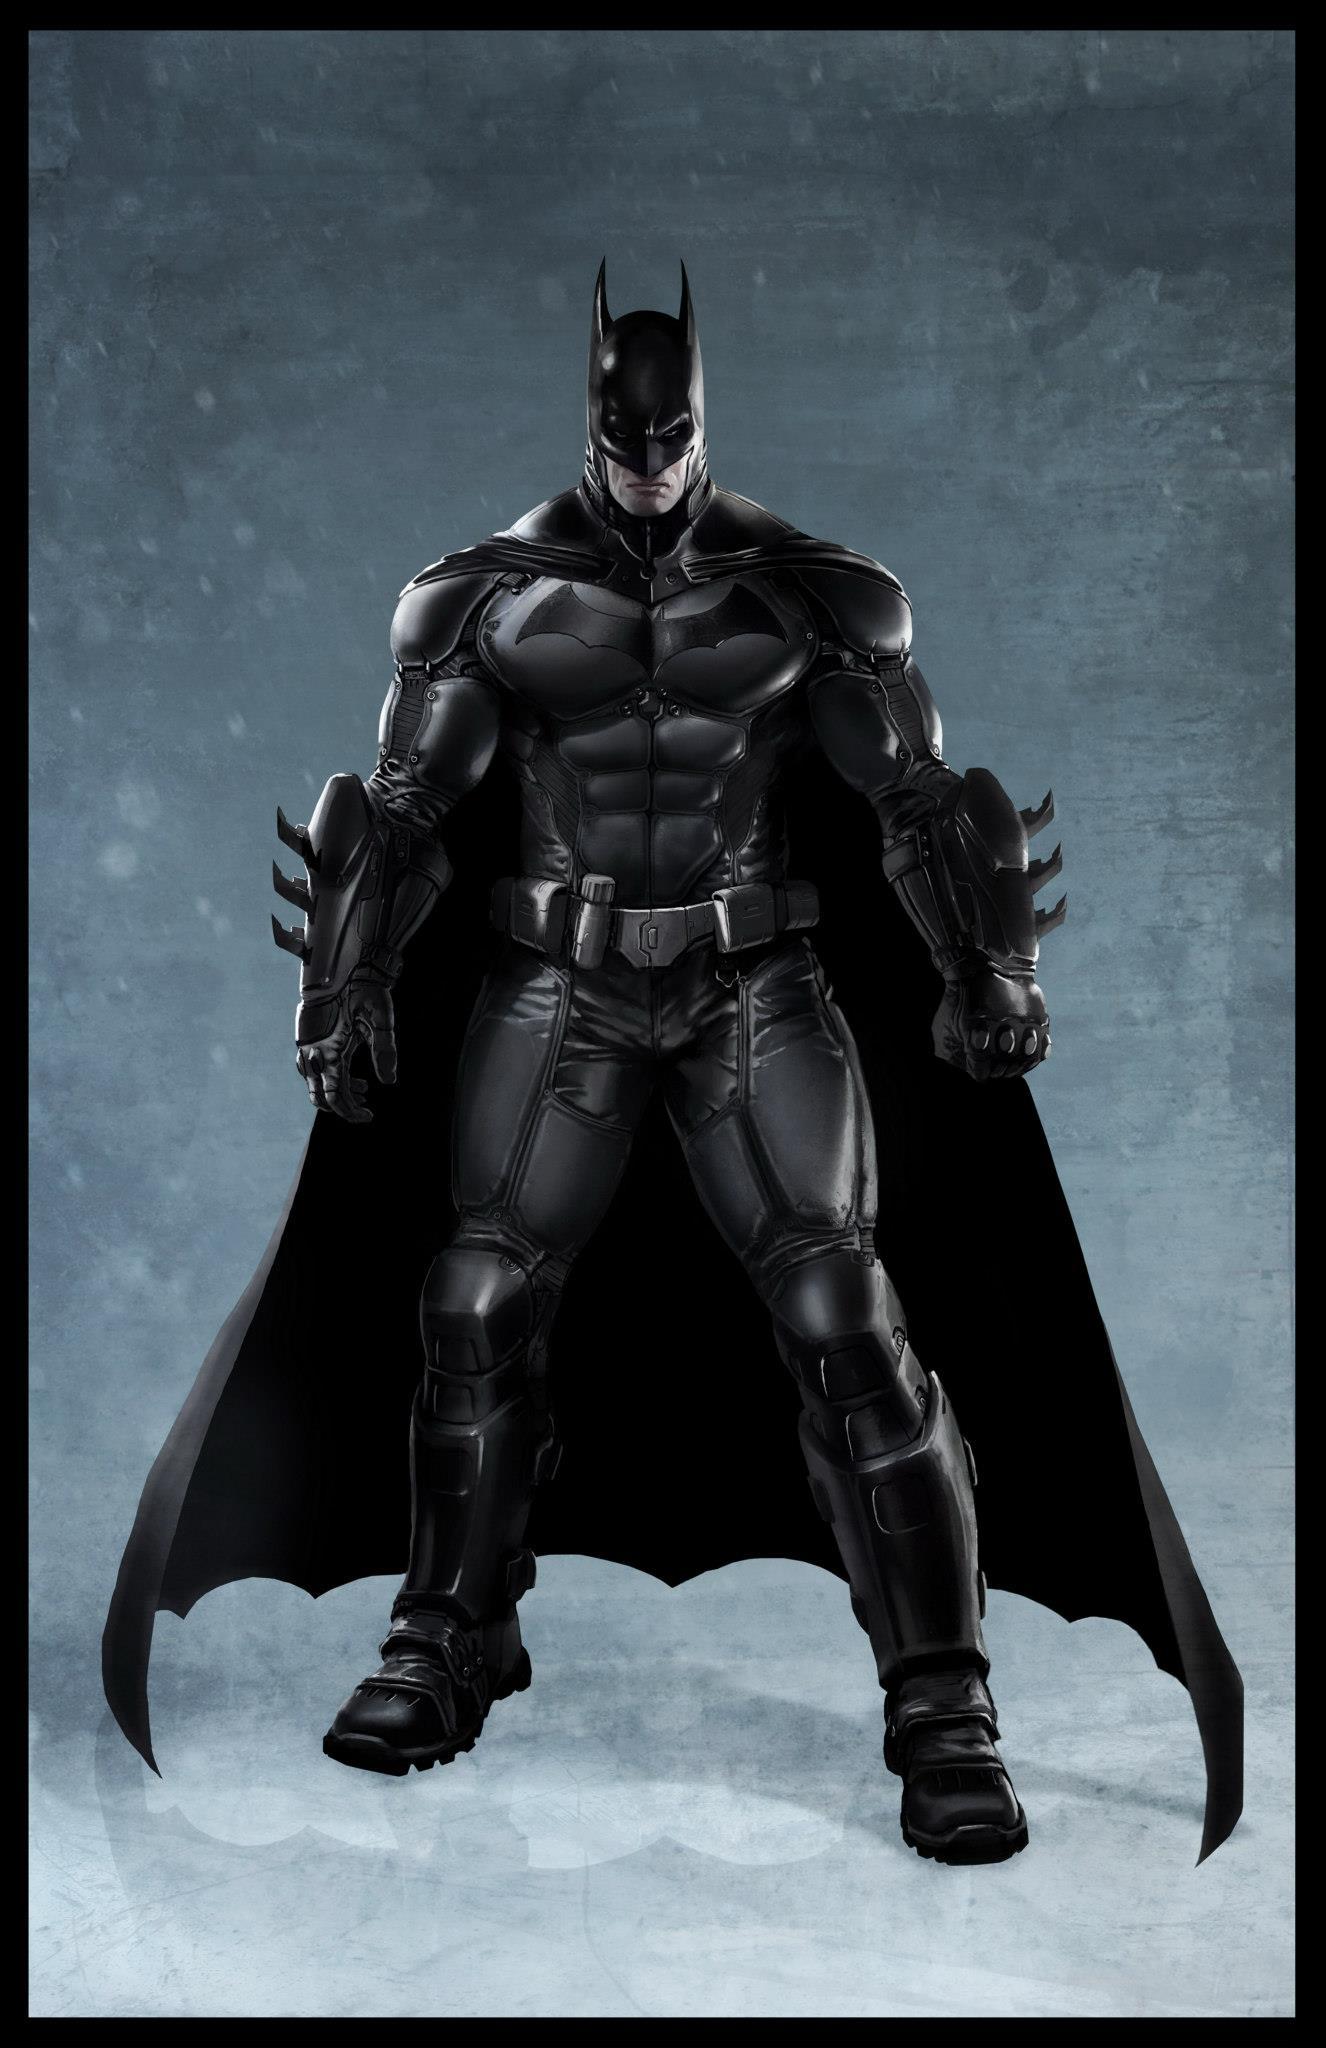 batman arkham origins wp - photo #6